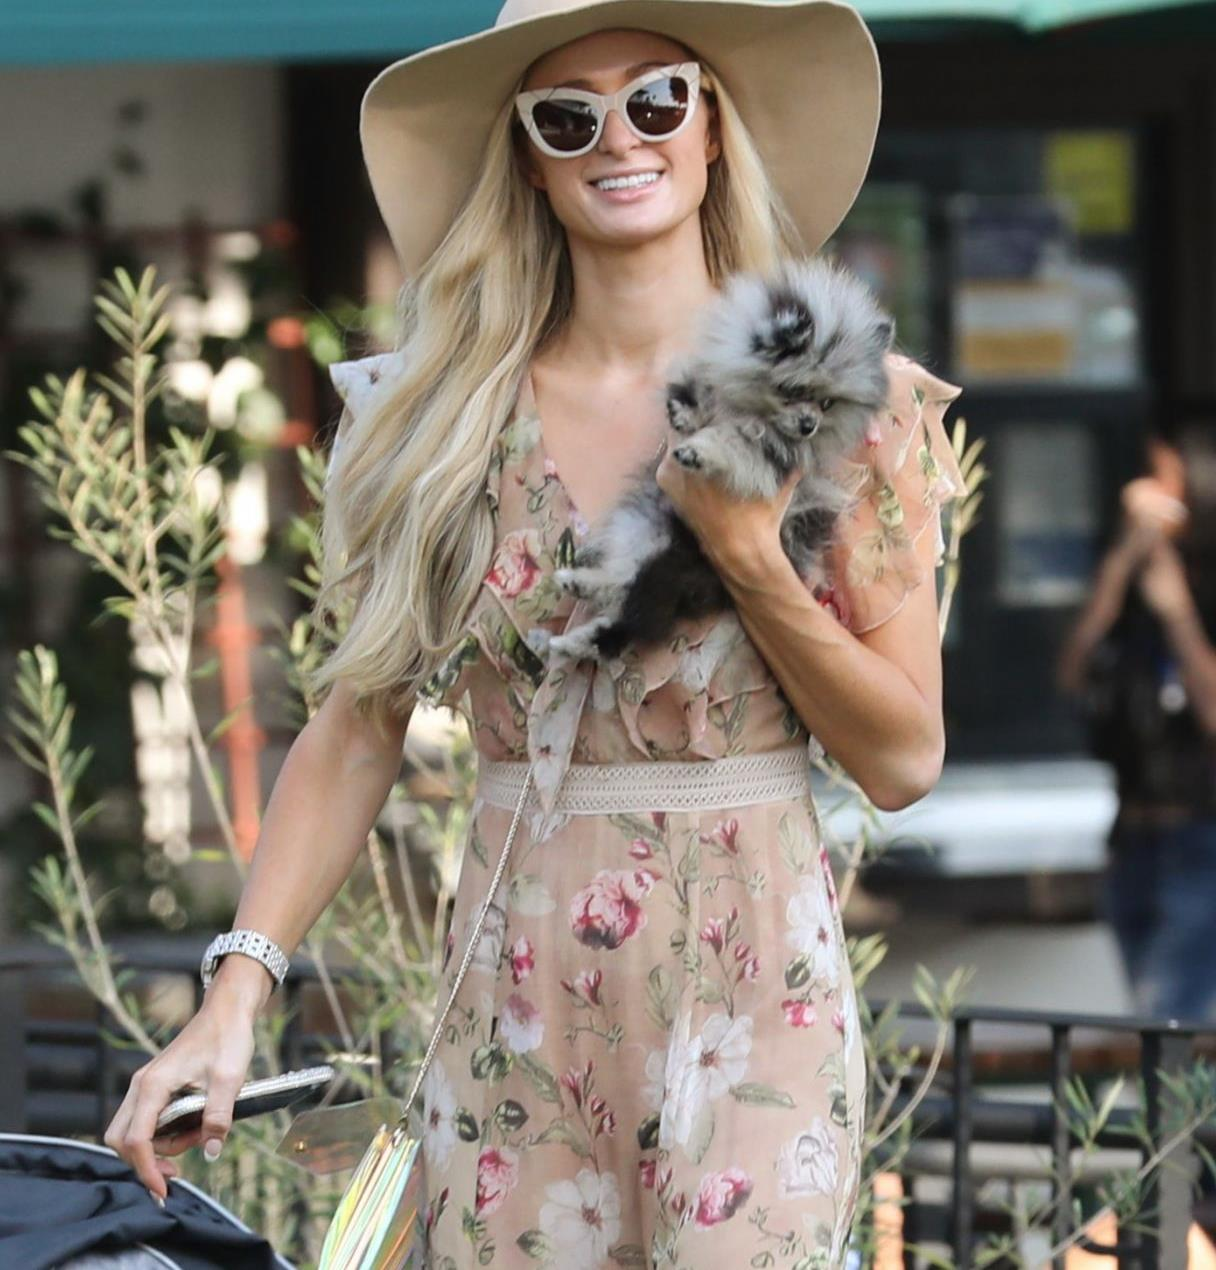 帕丽斯·希尔顿穿印花纱裙靓丽迷人,帽子墨镜休闲时尚风